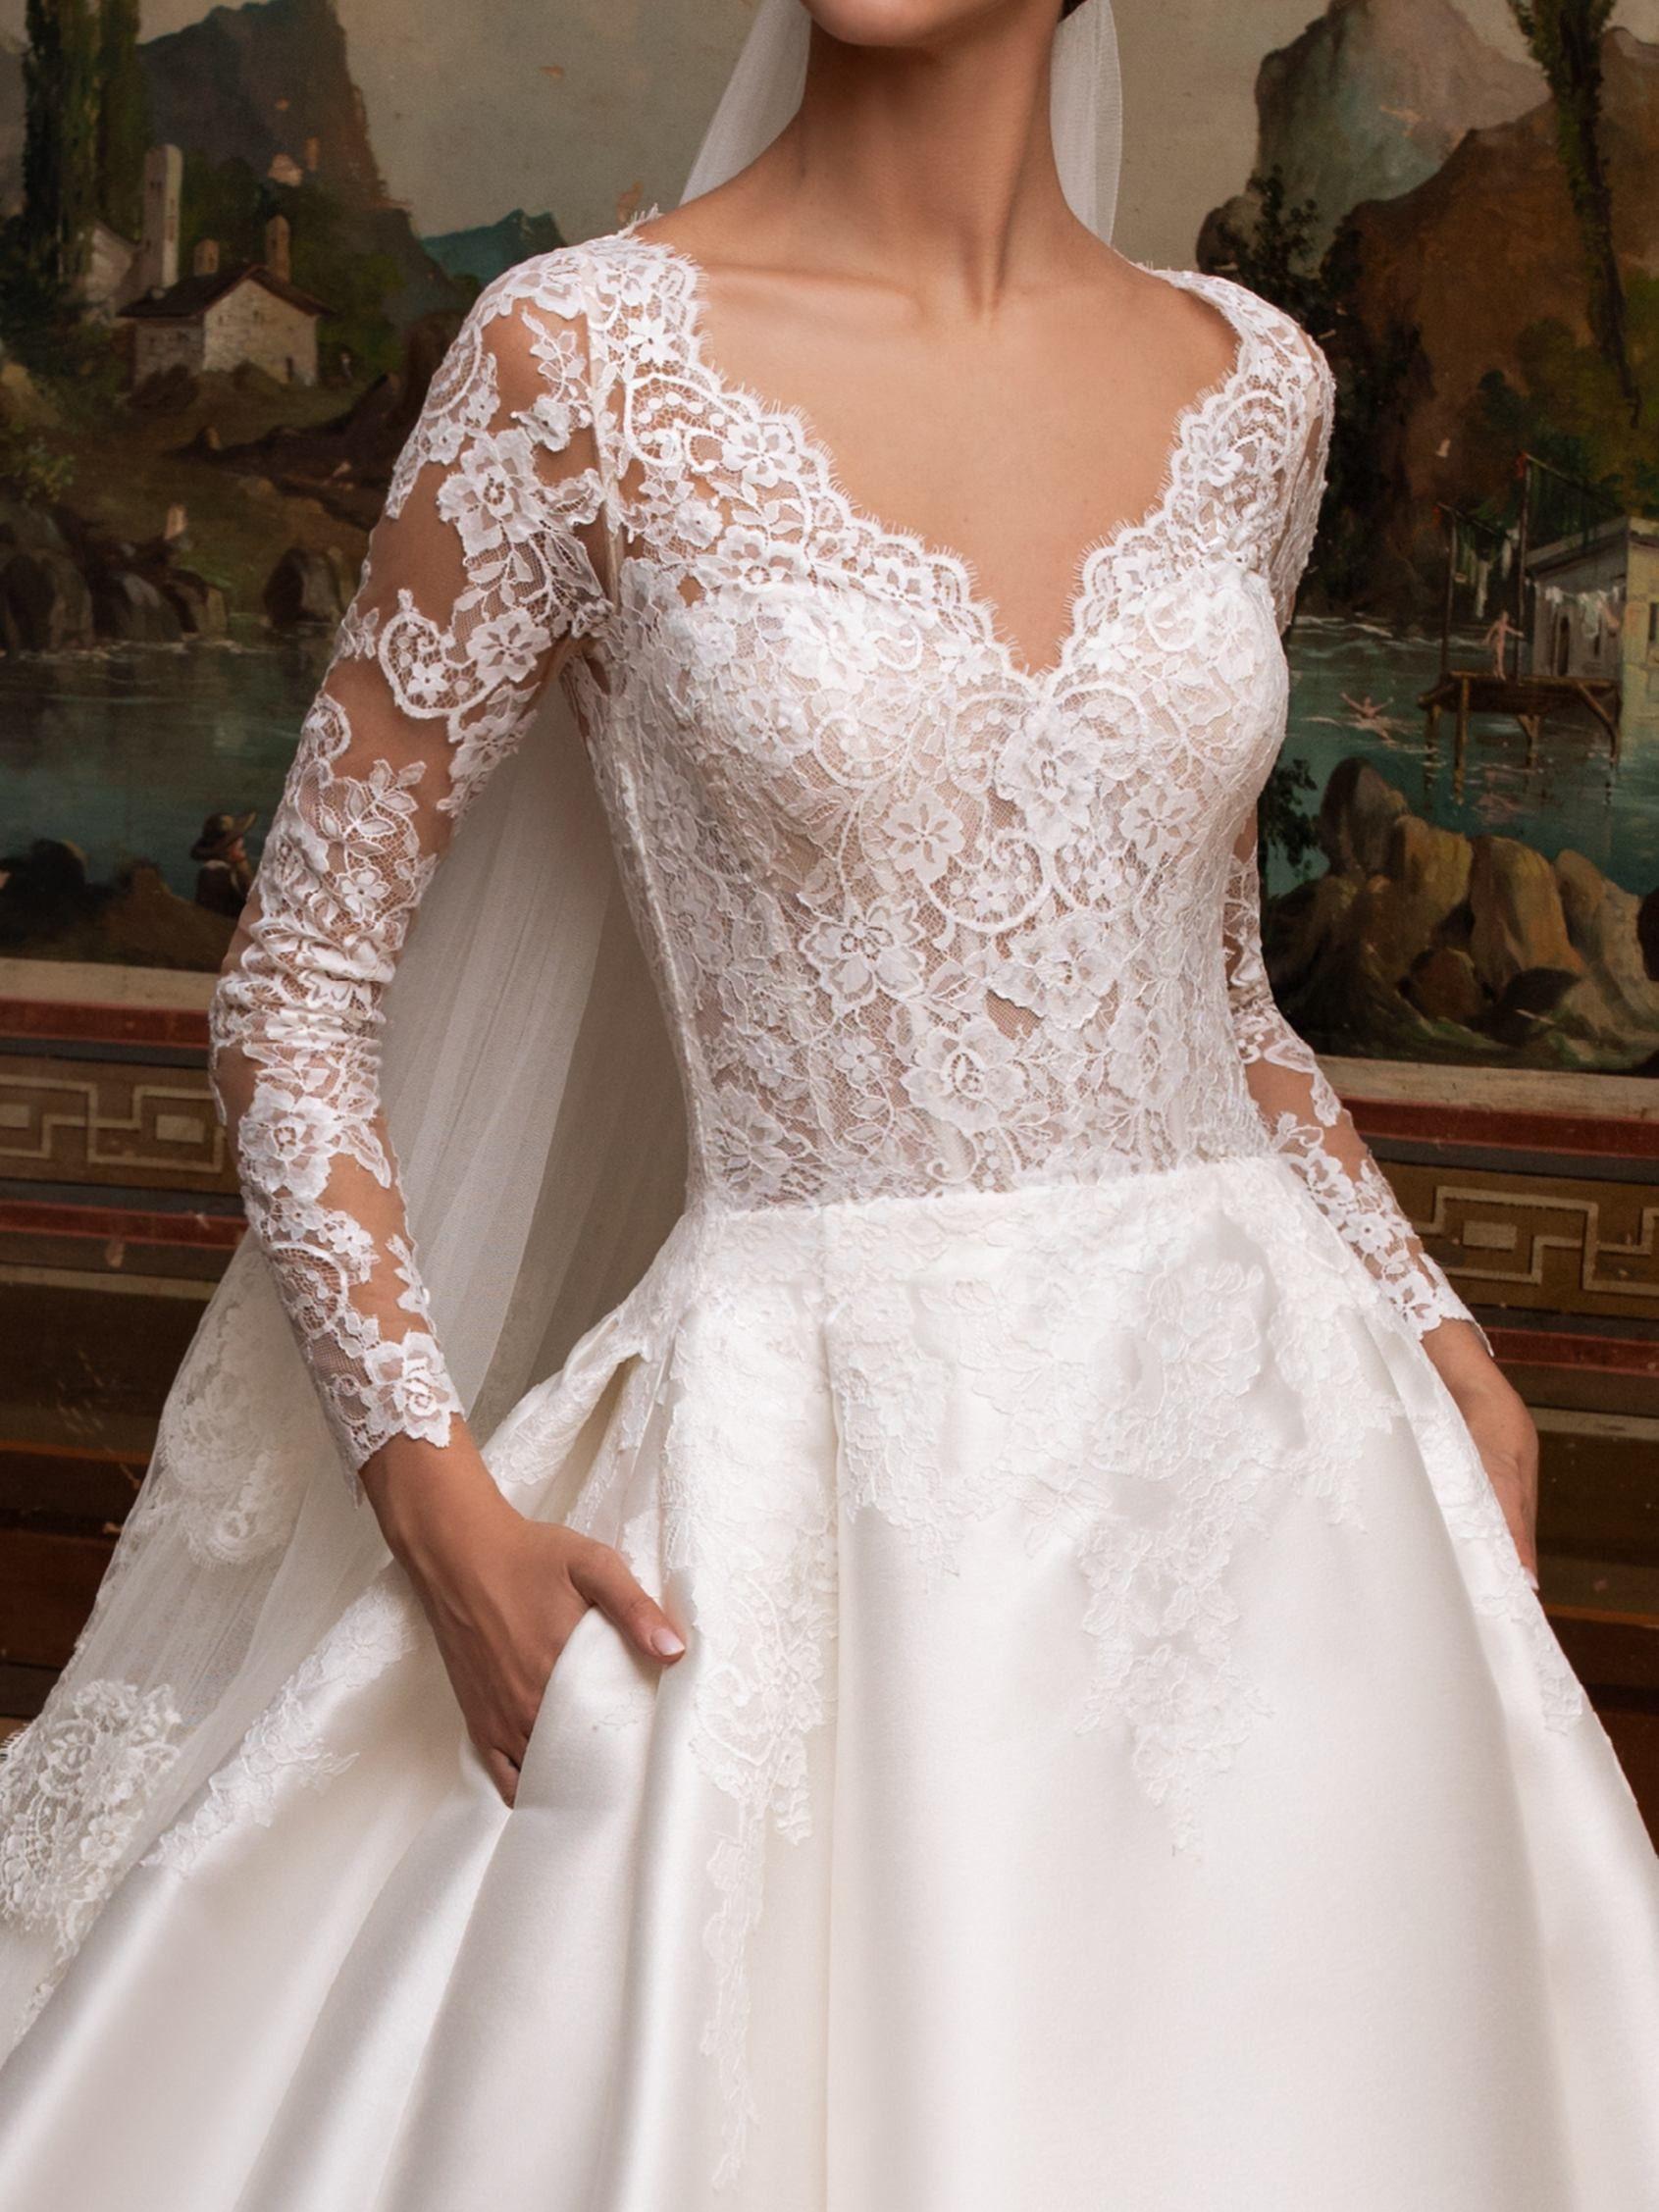 Robe De Mariee Coupe Princesse A Decollete En V Et Manches Longues Pronovias Stunning Wedding Dresses 2nd Wedding Dresses Elegant Bridal Gown [ jpg ]